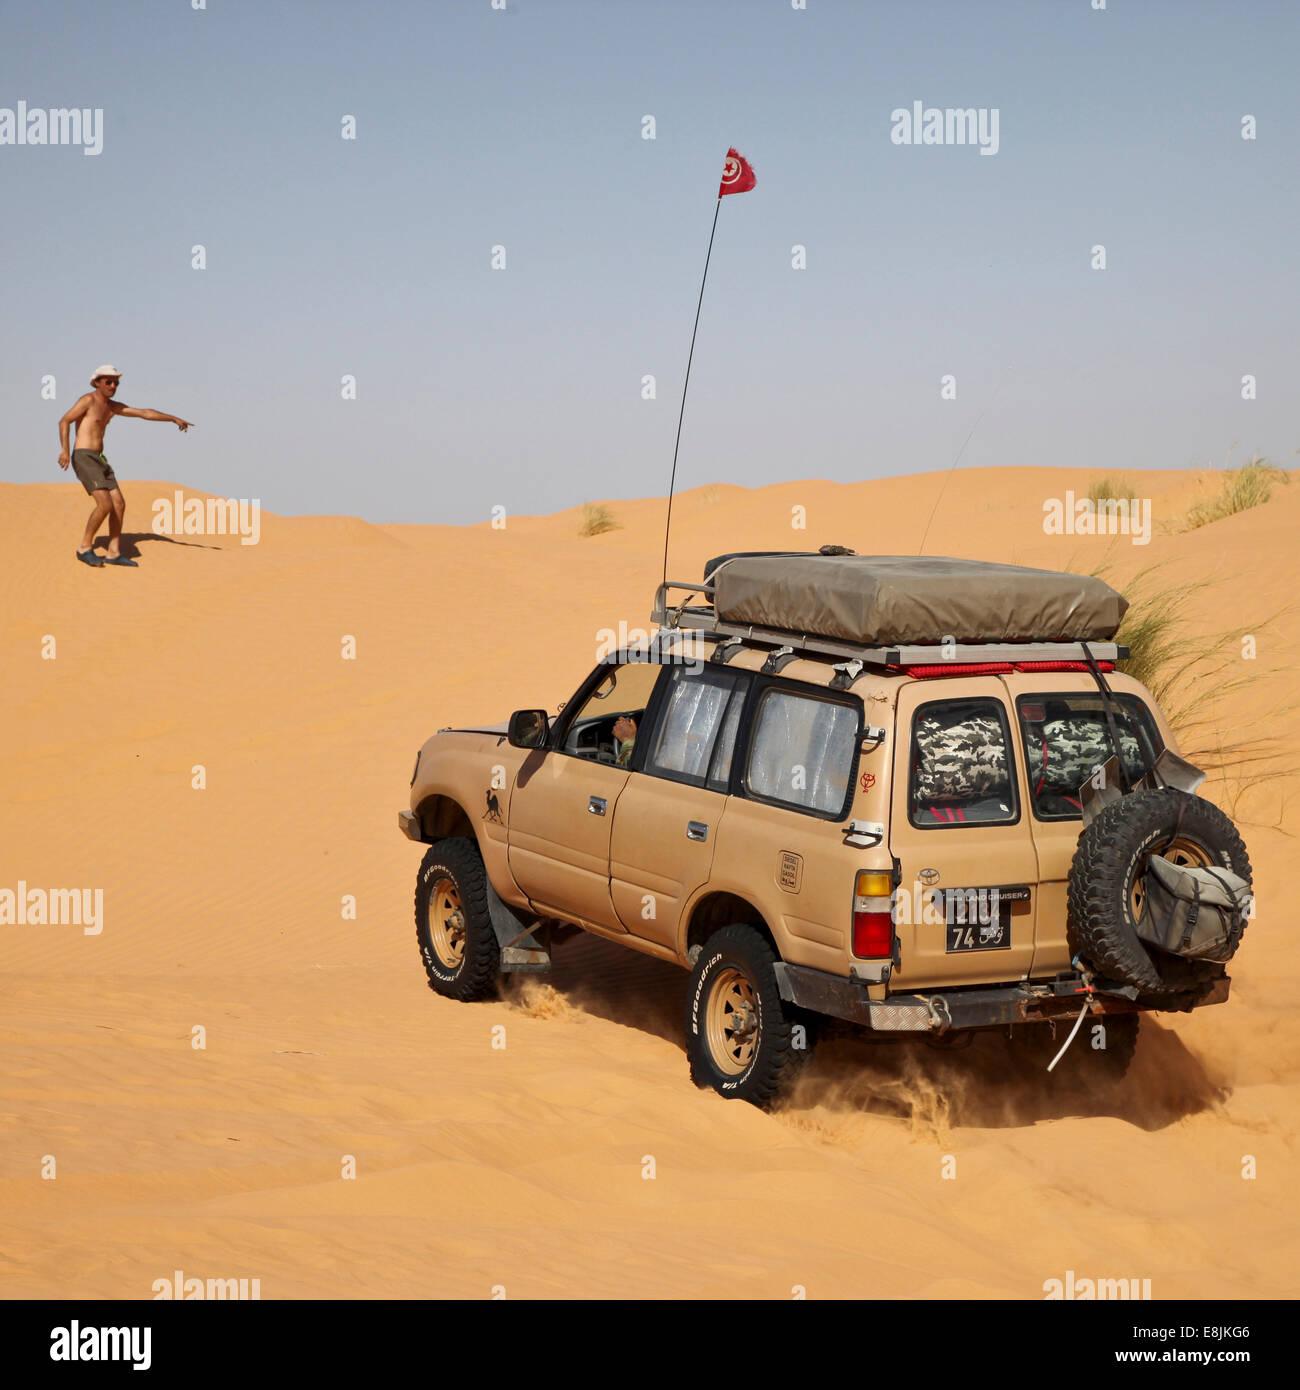 Vehículo en el desierto. Imagen De Stock